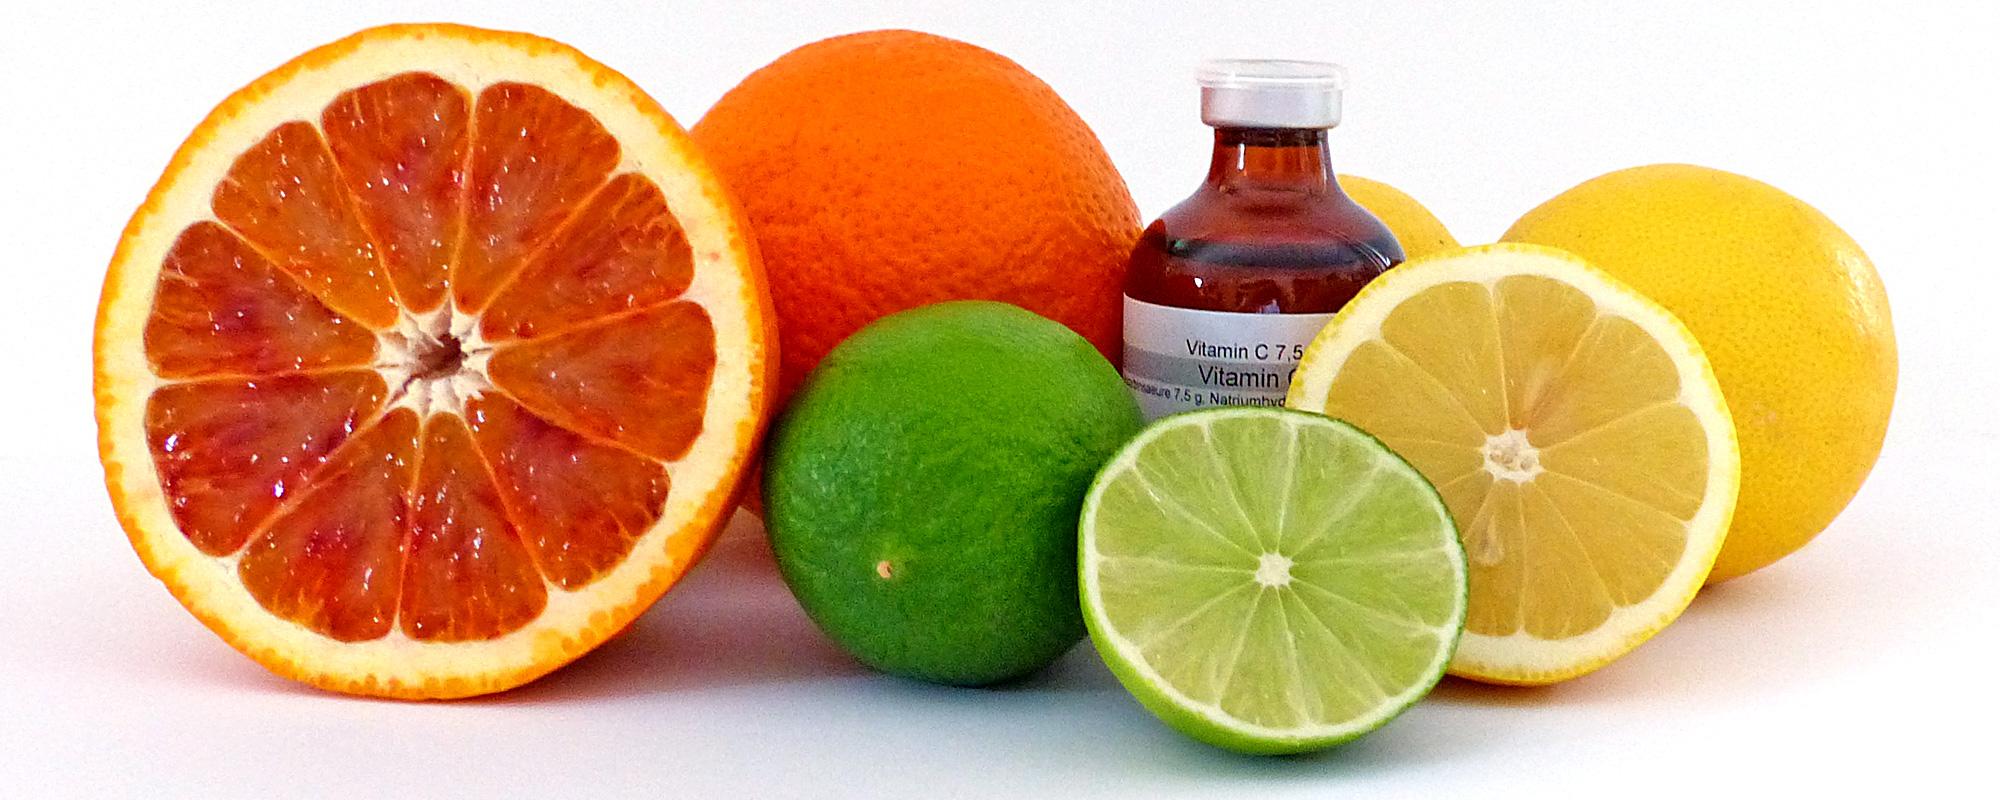 Vitamin C | Naturheilkunde | Heilpraktikerin Petra M. Quack | Zentrum für ganzheitliche Traumatherapie | Gmund am Tegernsee